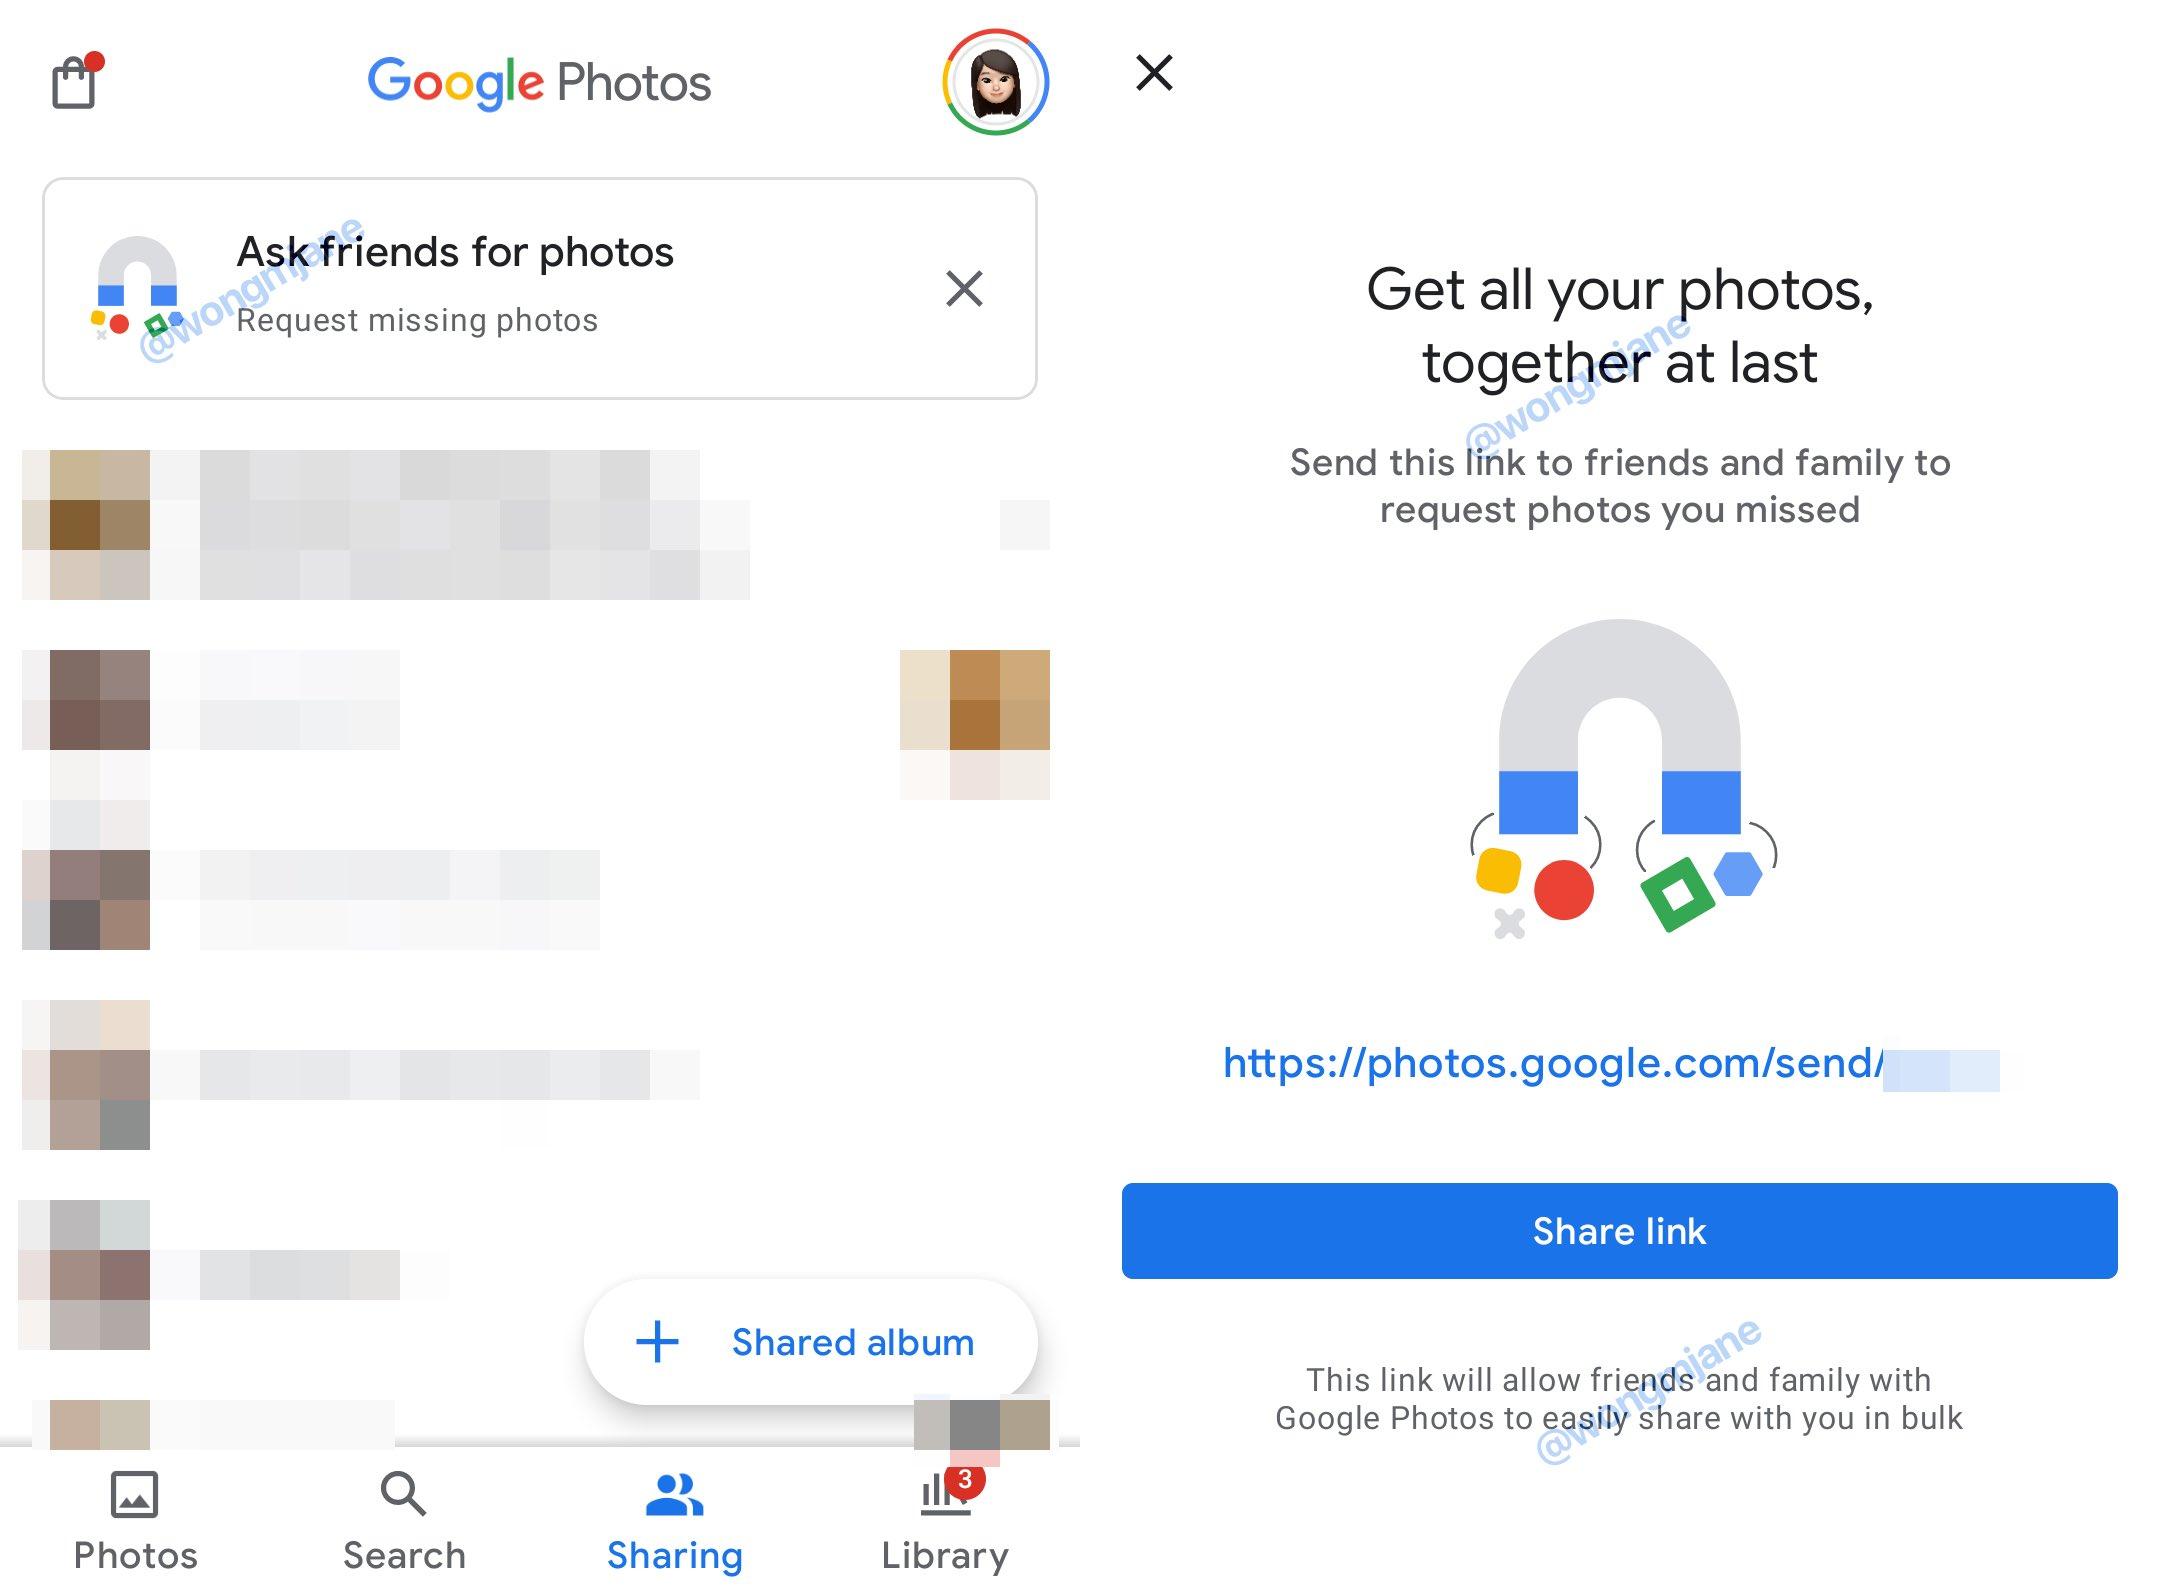 opcja poproś znajomych o zdjęcia w aplikacji zdjęcia google